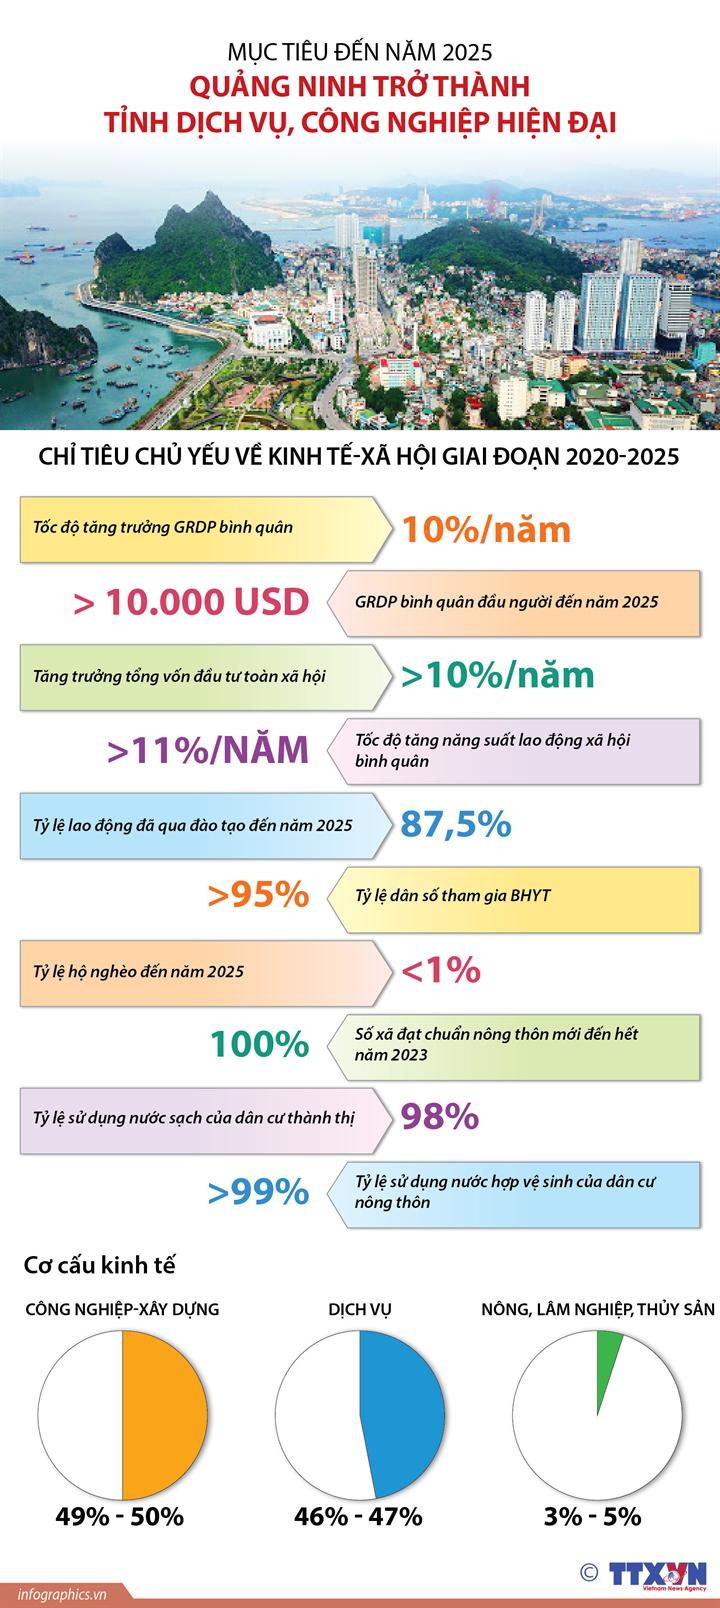 Mục tiêu đến năm 2025  Quảng Ninh trở thành tỉnh dịch vụ, công nghiệp hiện đại